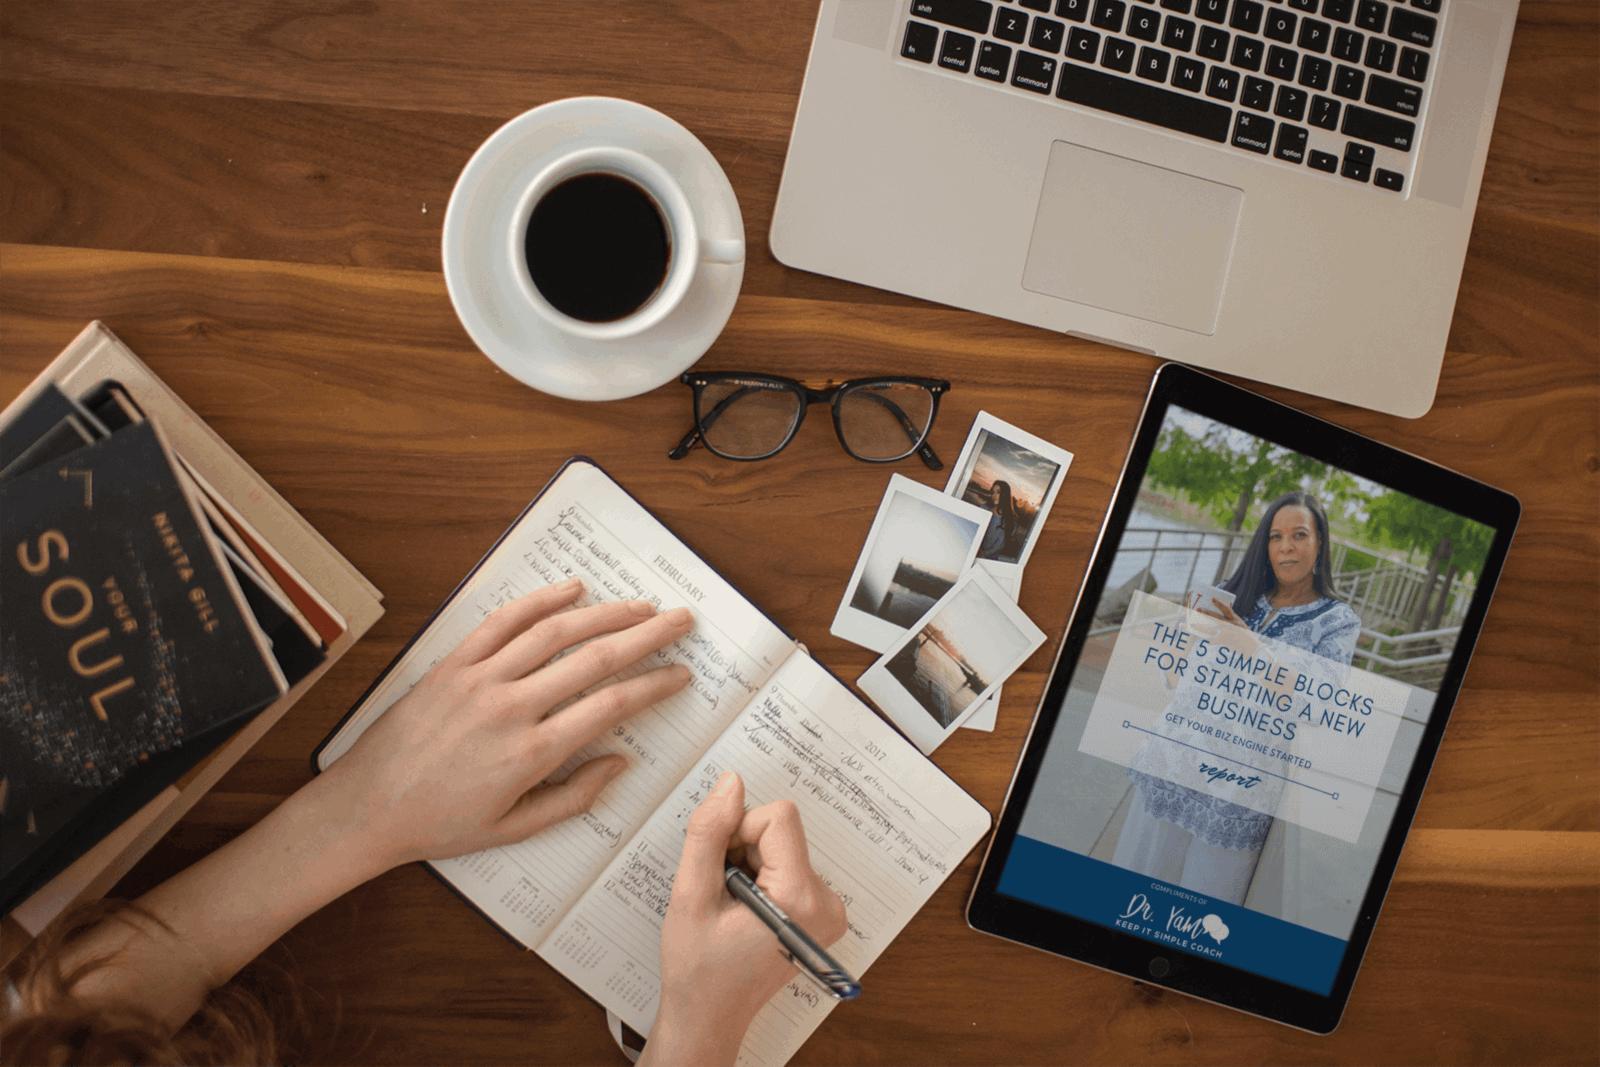 Ebook on ipad on desk